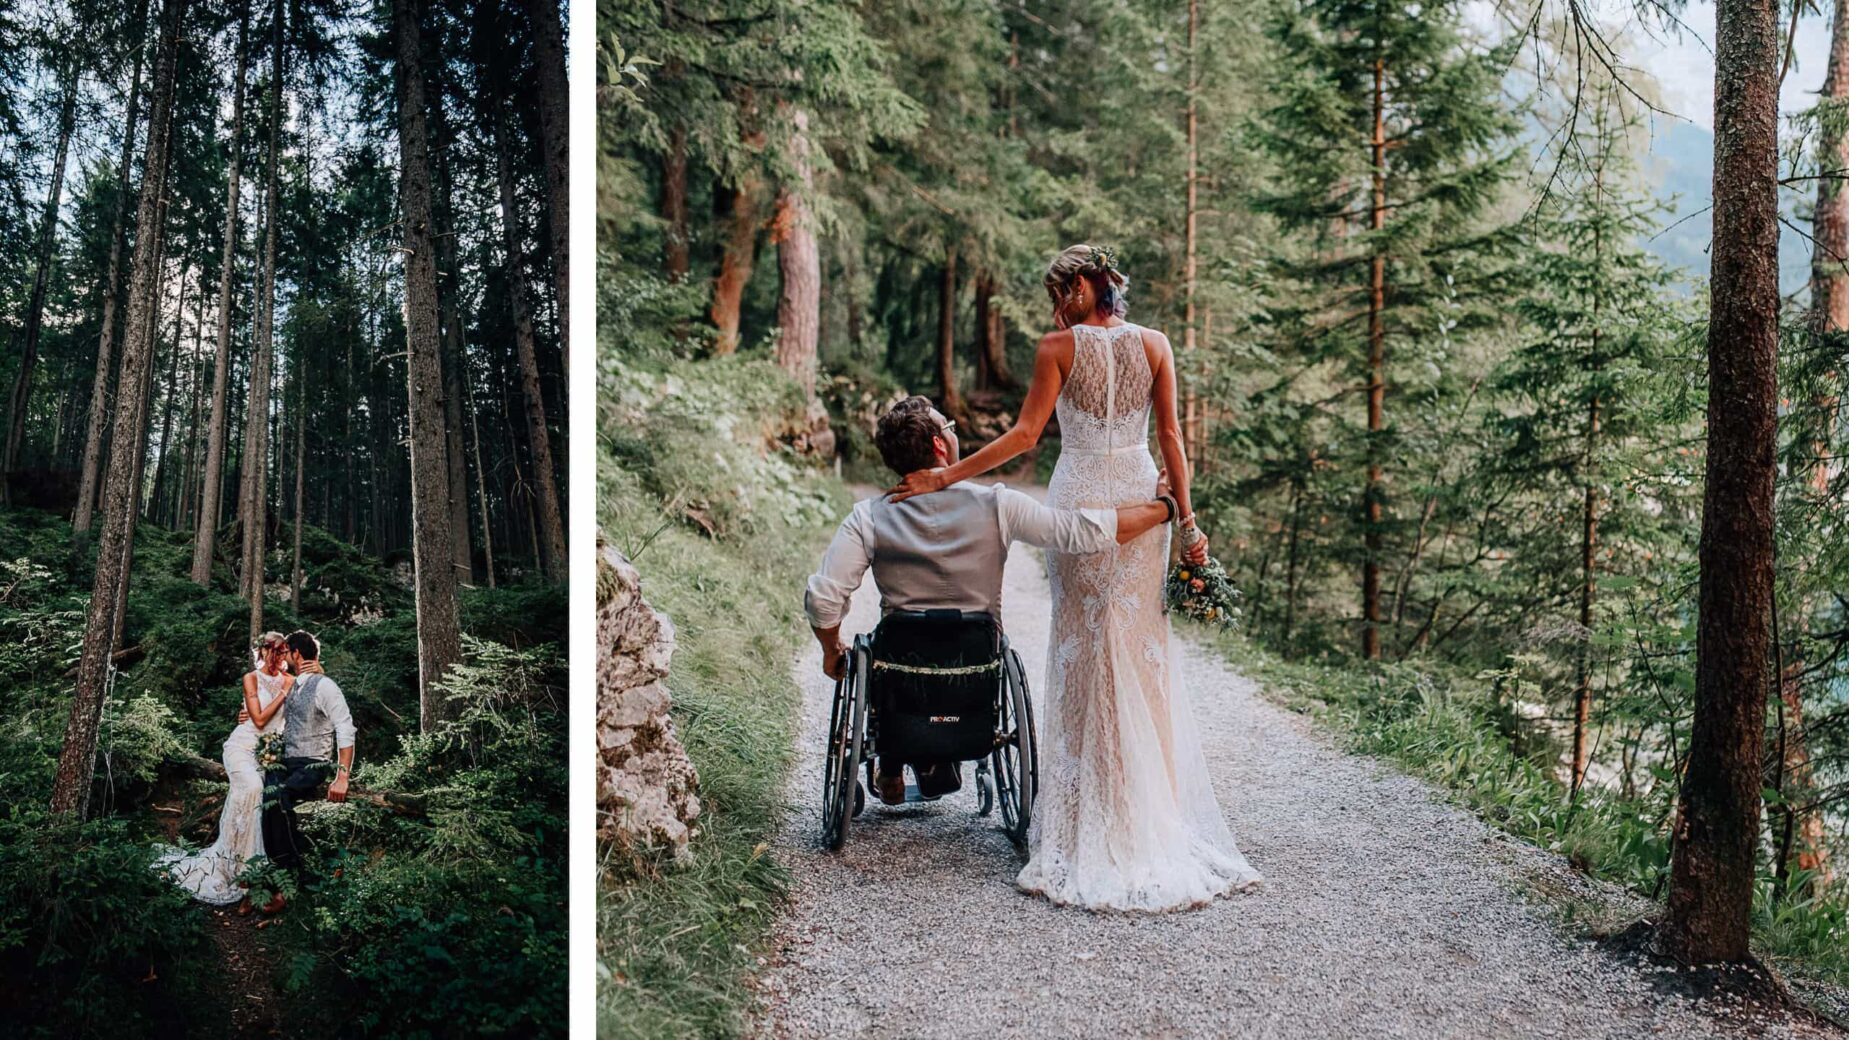 Professionelle Hochzeitsfotos in den Alpen: freie Trauung am Eibsee unterhalb der Zugspitze